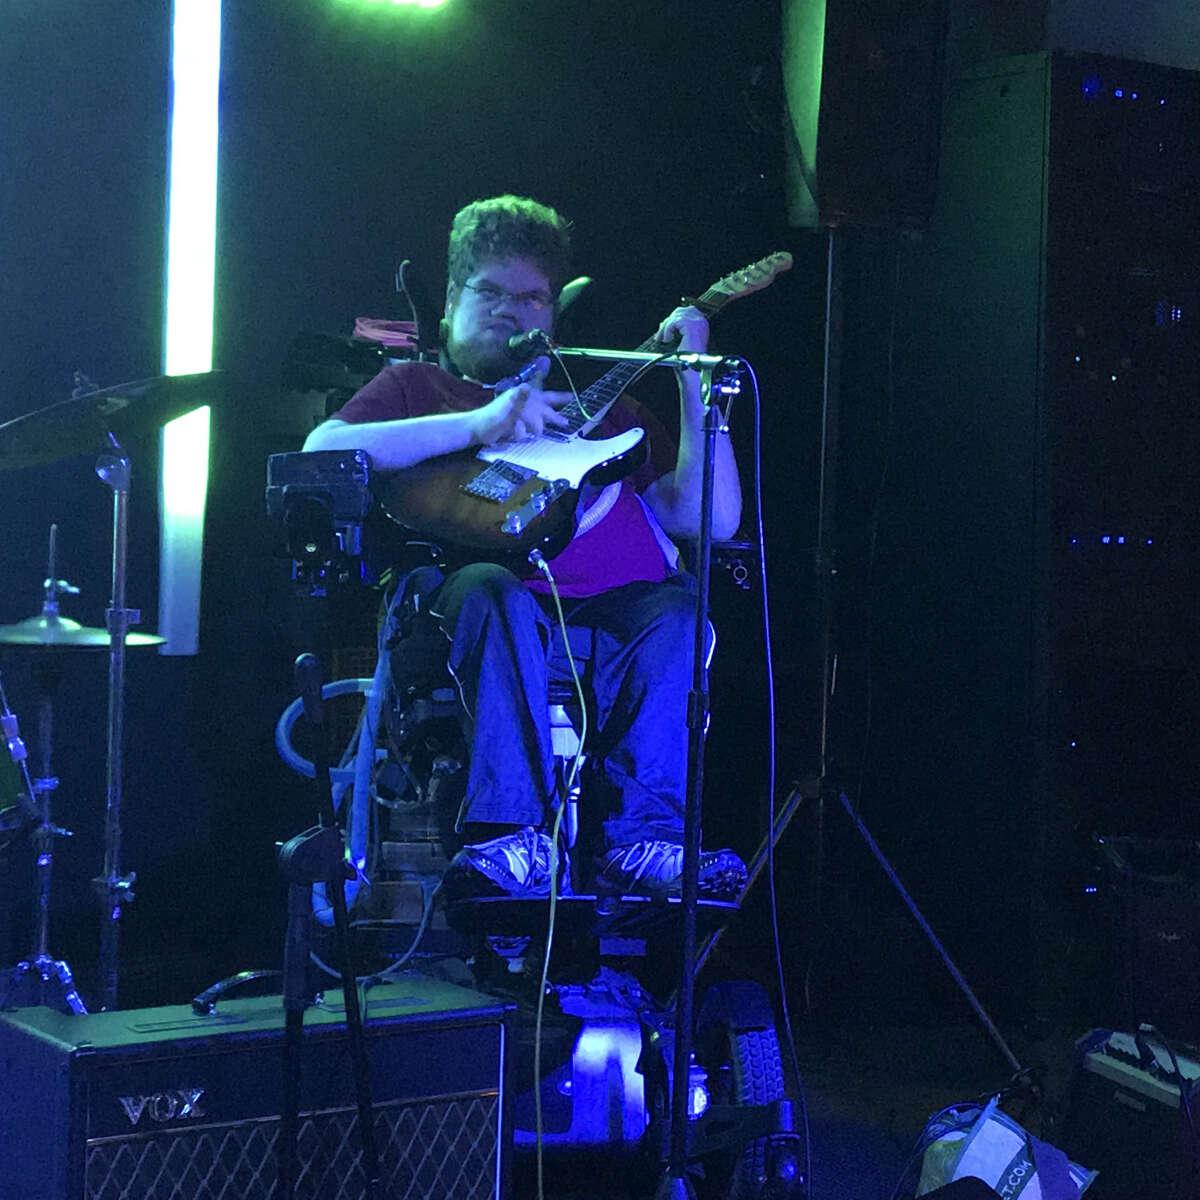 Lucas Garrett performing at Downtown Social in Glens Falls.